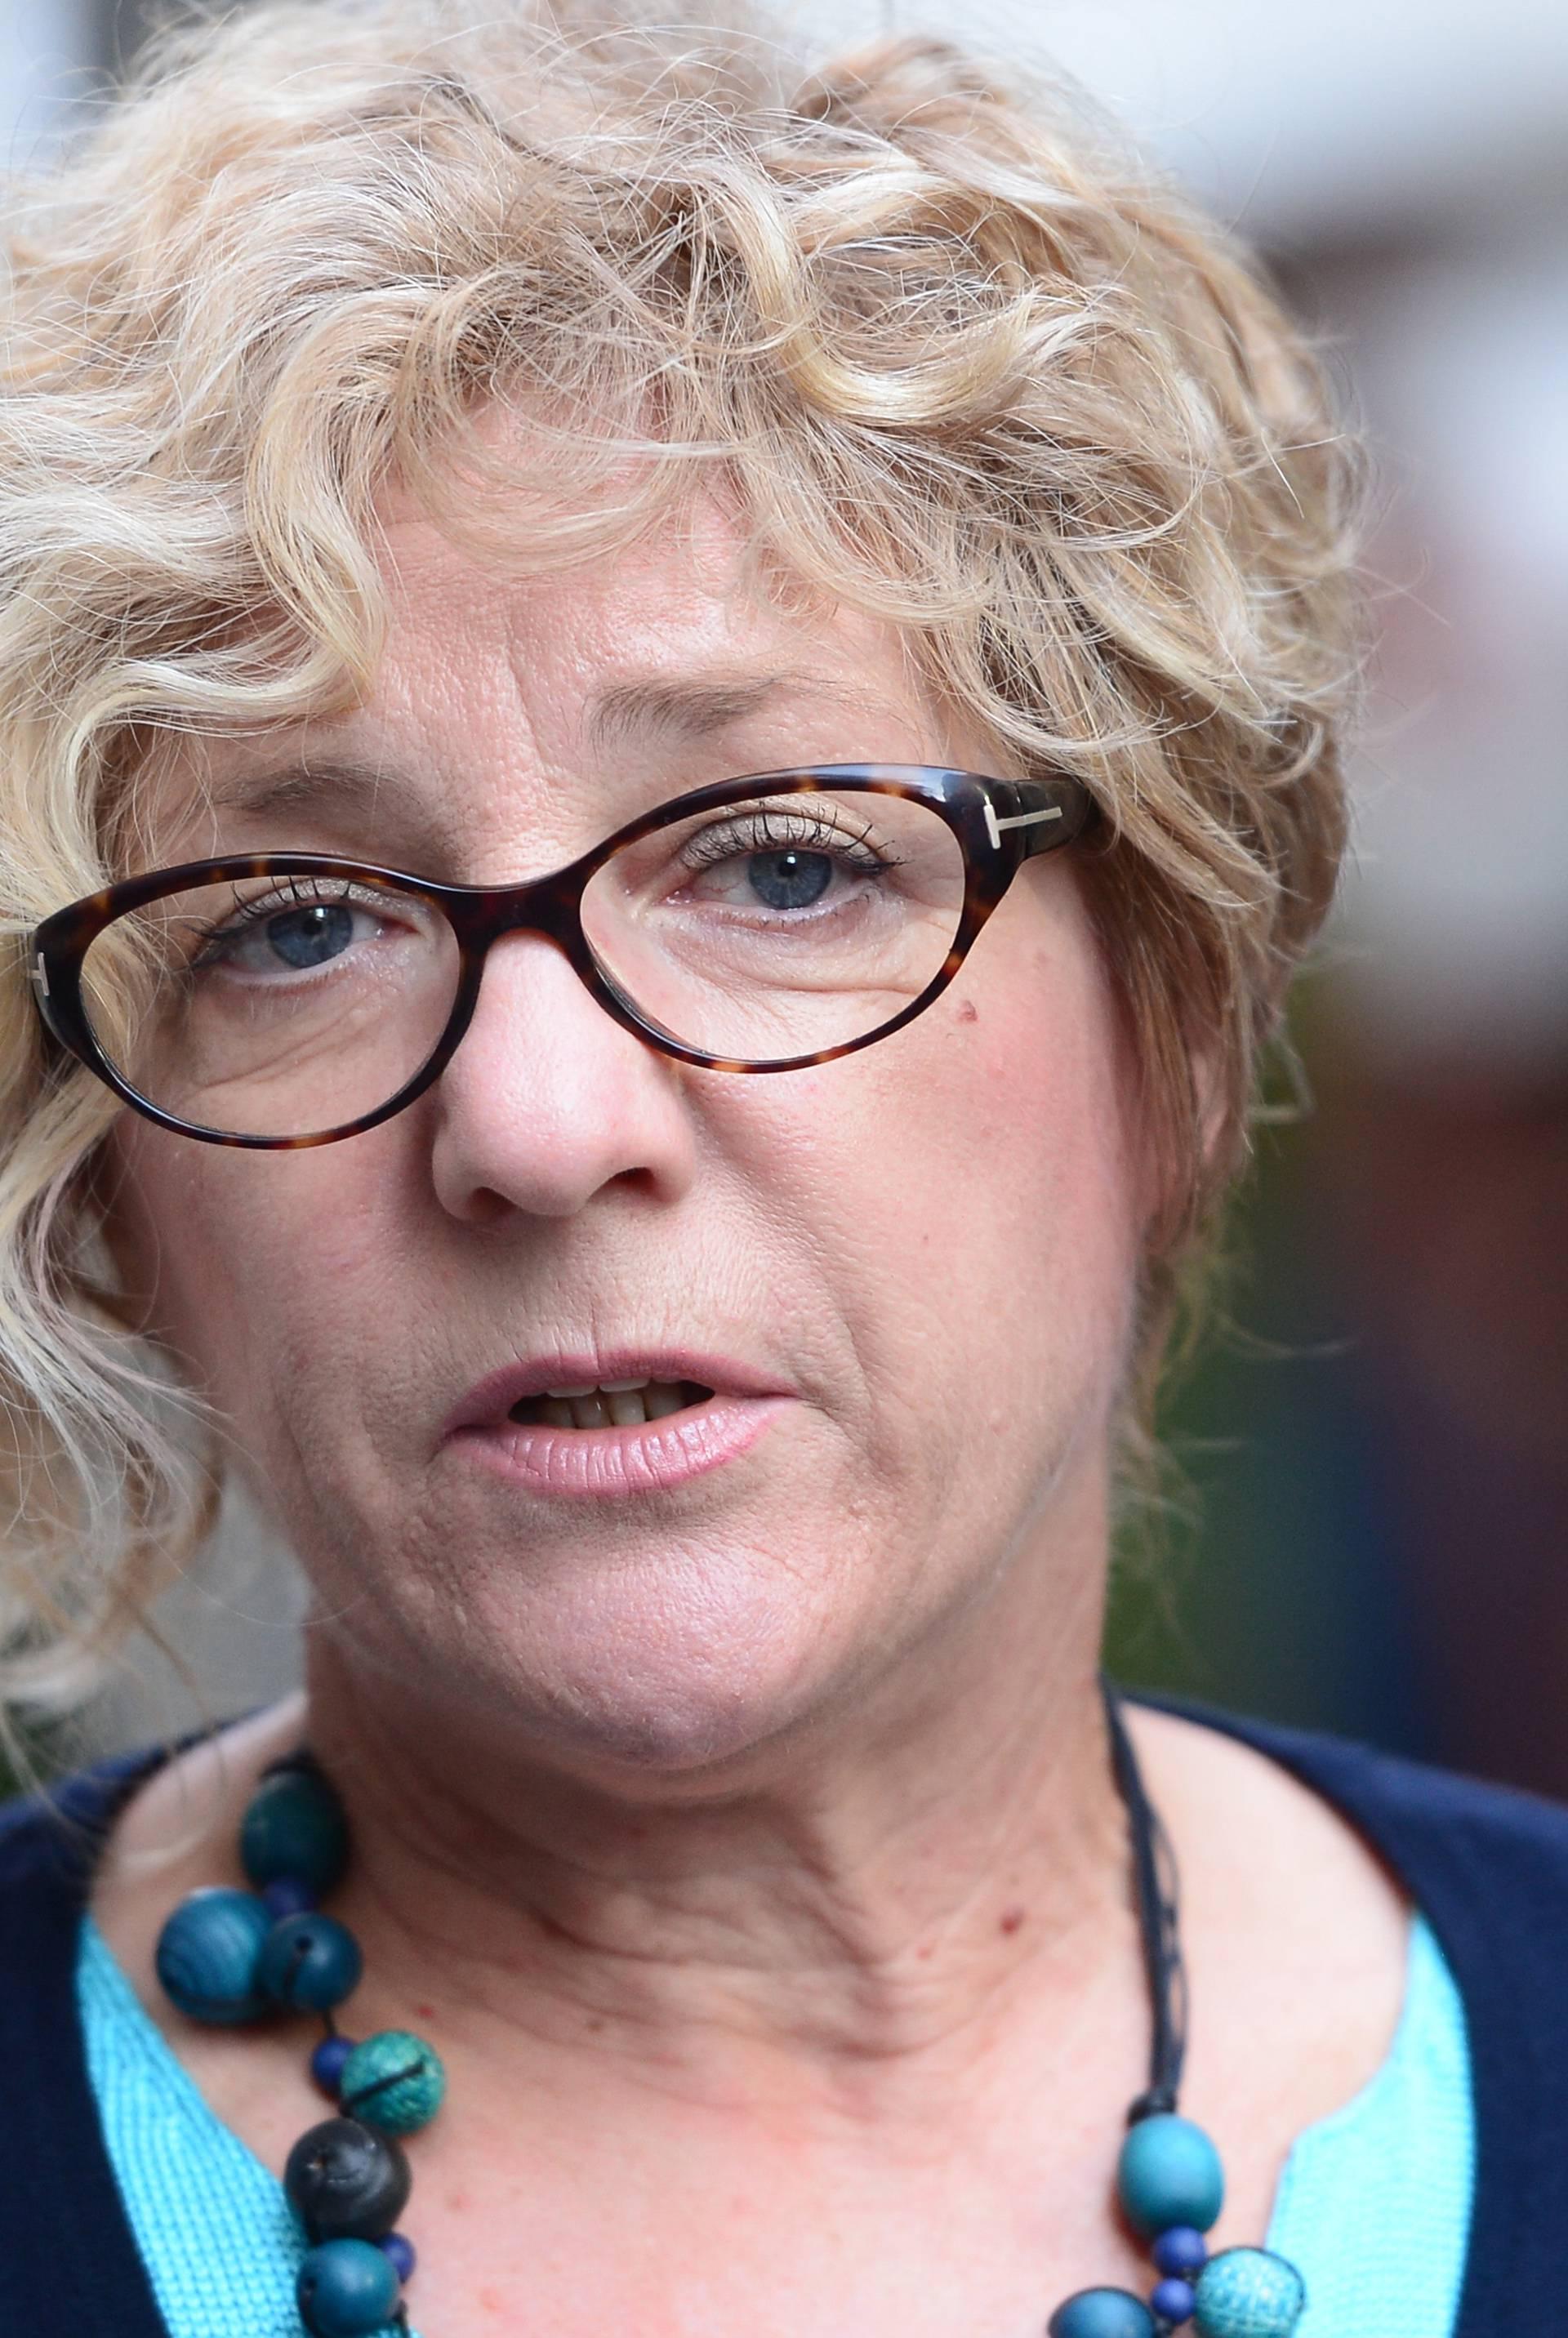 Sobol podigla kaznenu  protiv  Glasnovića zbog govora mržnje